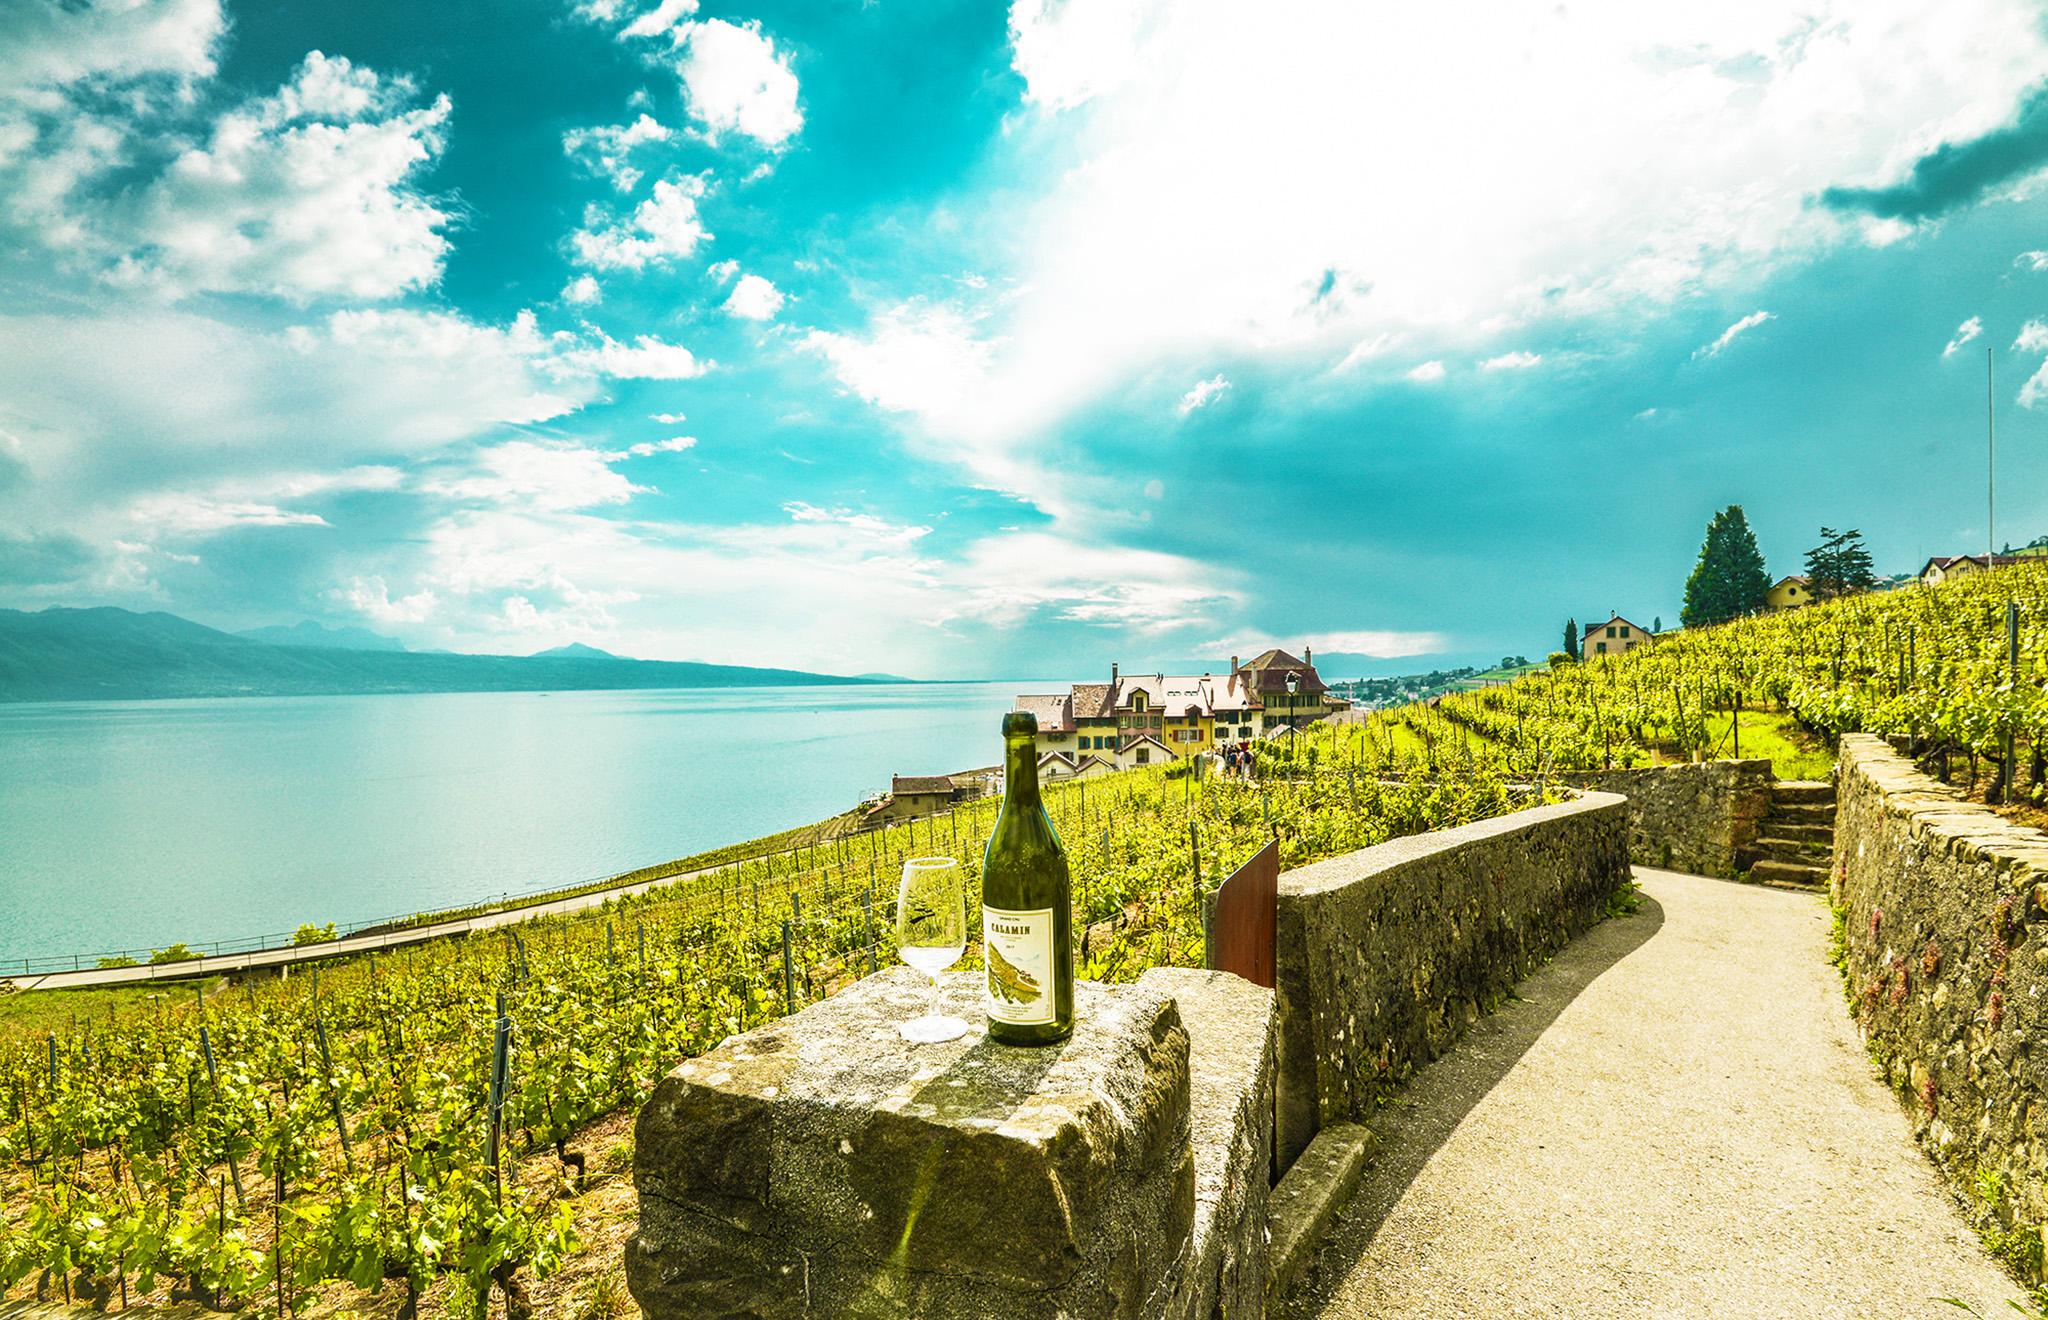 kt_2020_300_Keytours_excursions_Swisstours_lavaux_aperitif1_2048_10